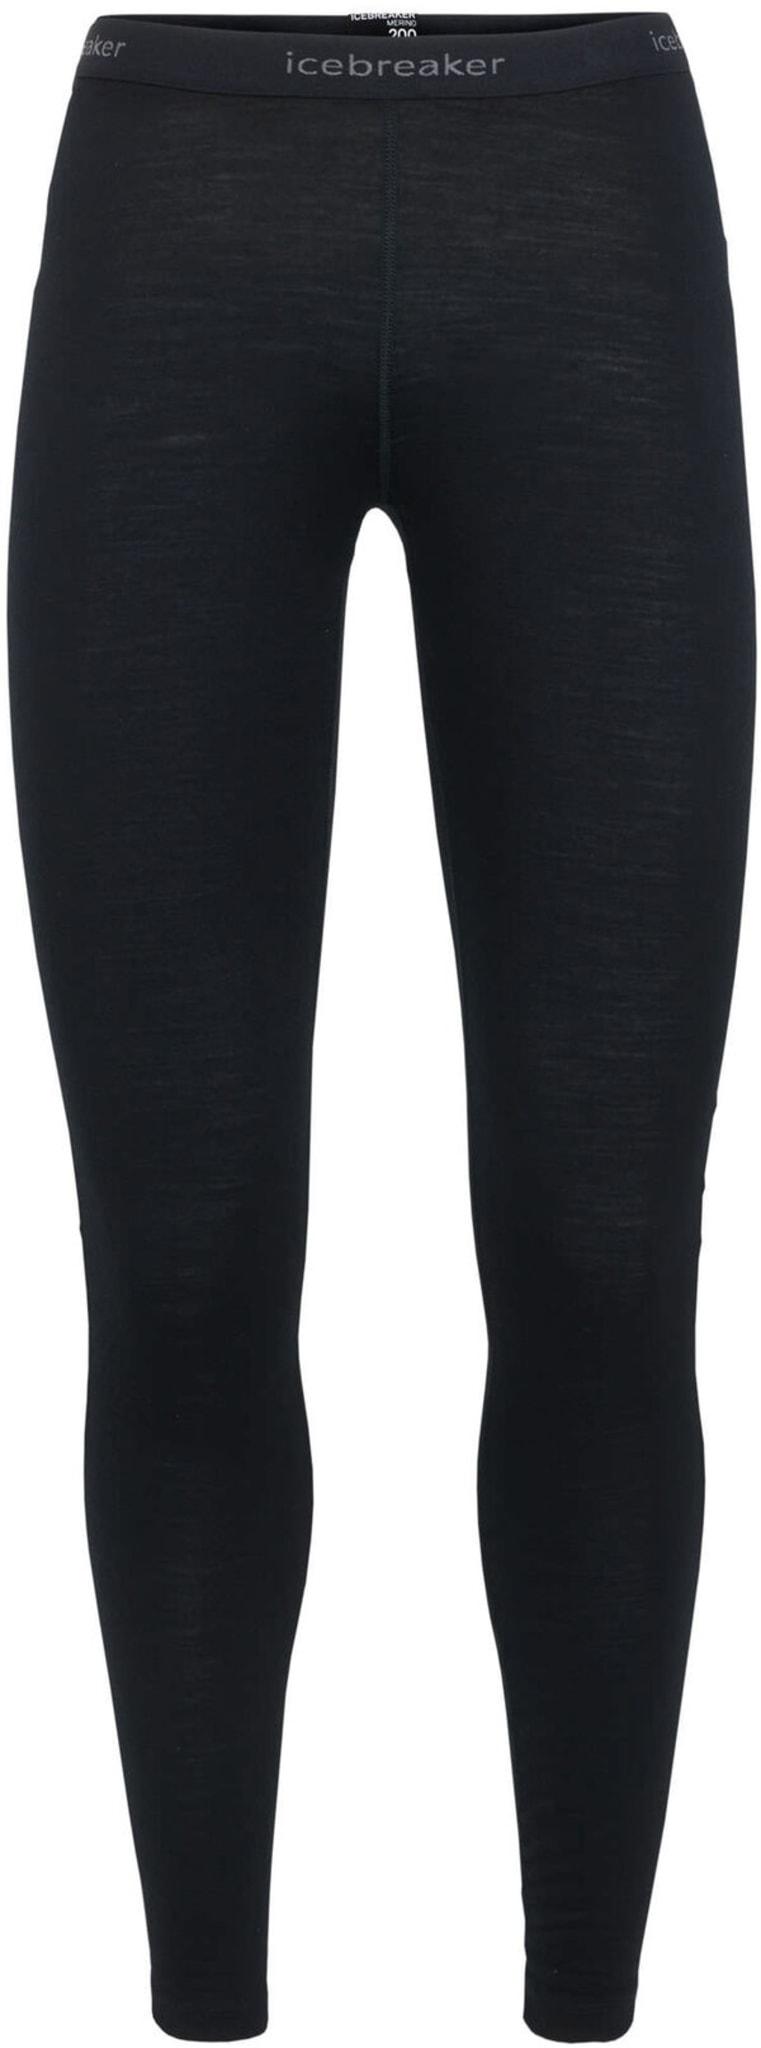 200 Oasis Leggings W